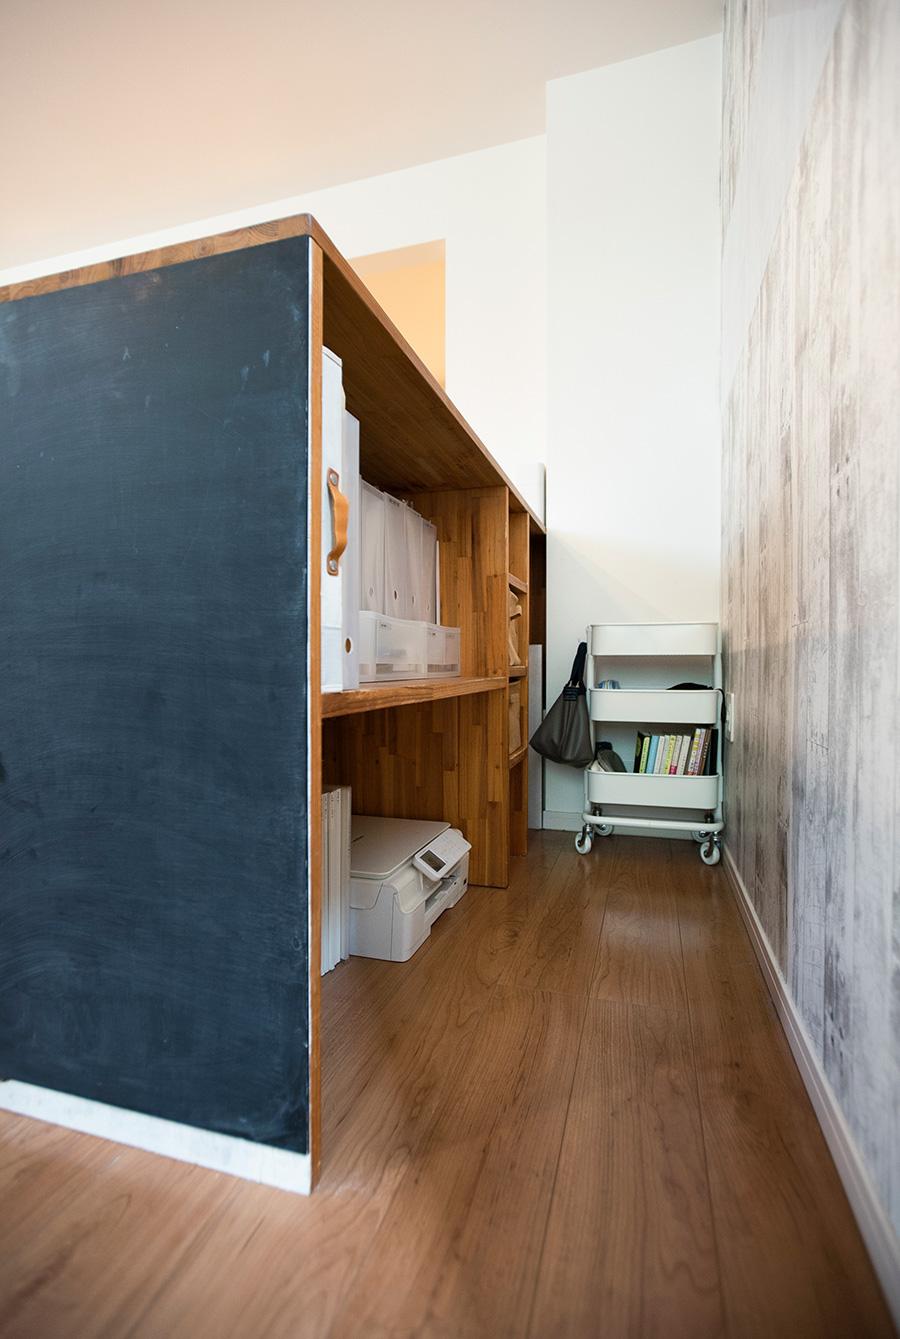 書類やプリンターなどを収める。サイドの黒板は、お子さんのために吉川さんが取り付けた。